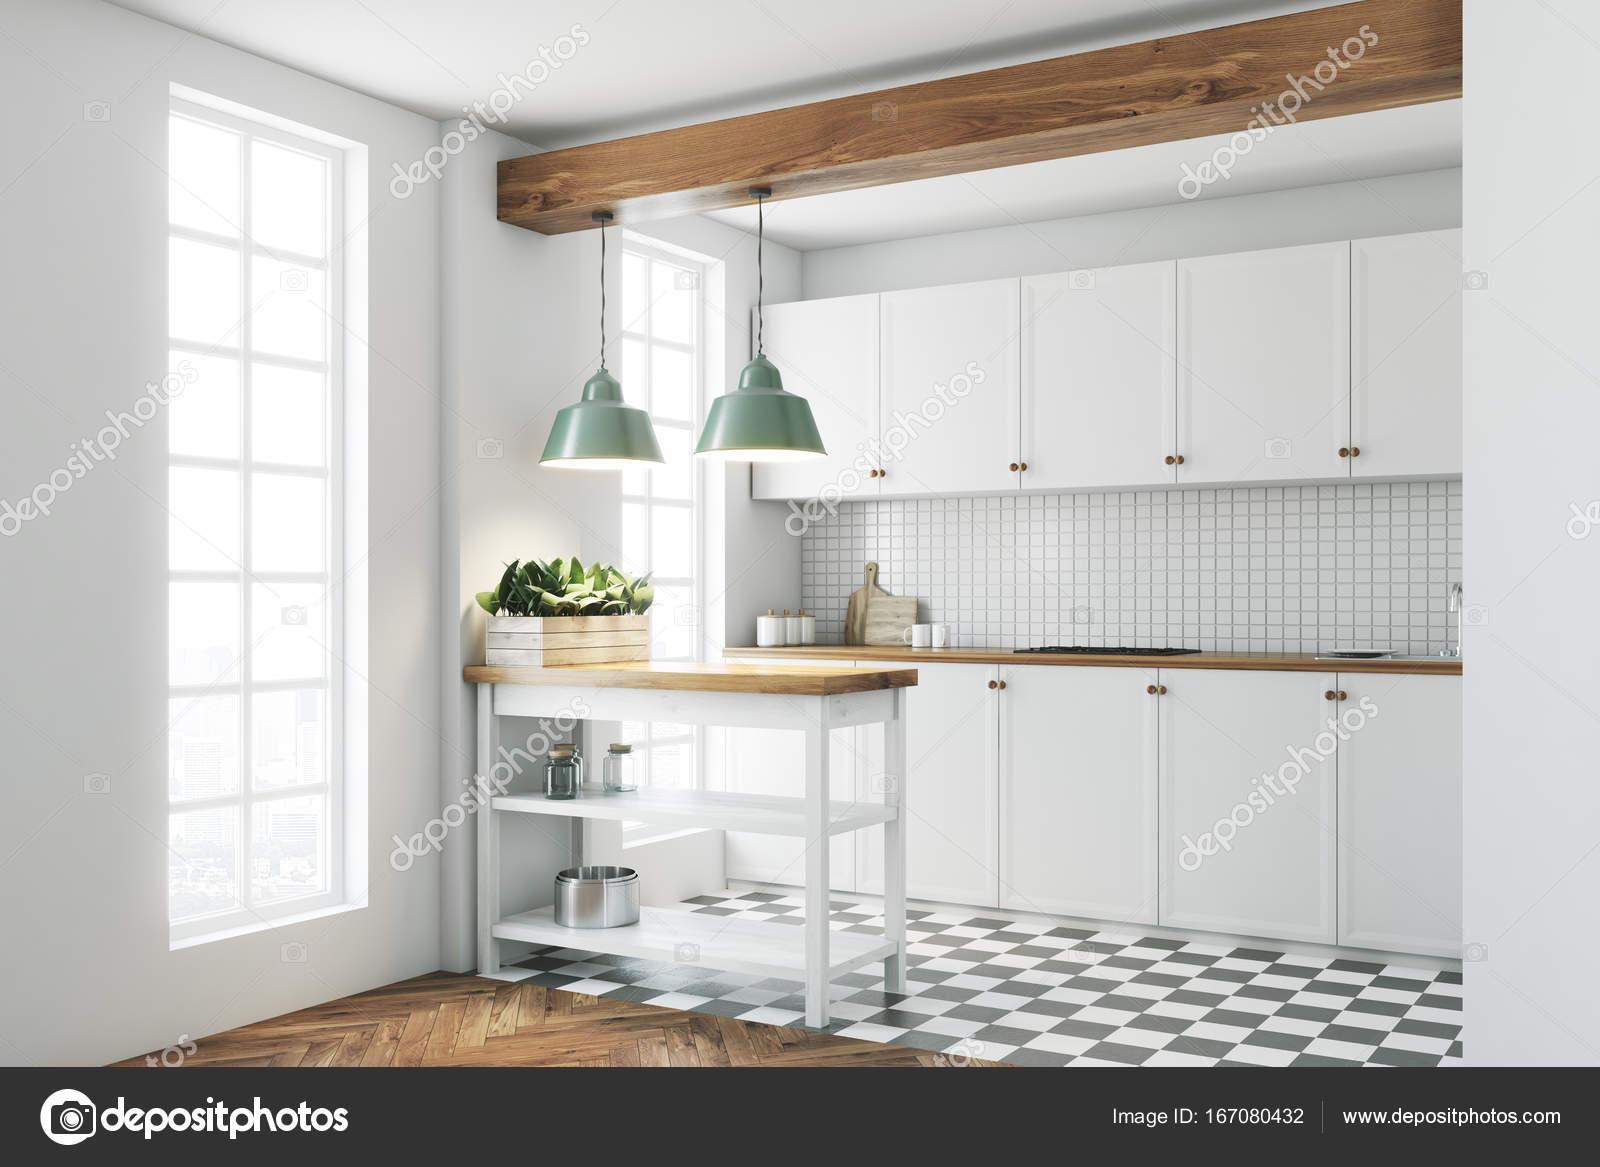 Piastrelle Da Cucina Bianche : Cucina bianca interni piastrelle piano lato u foto stock